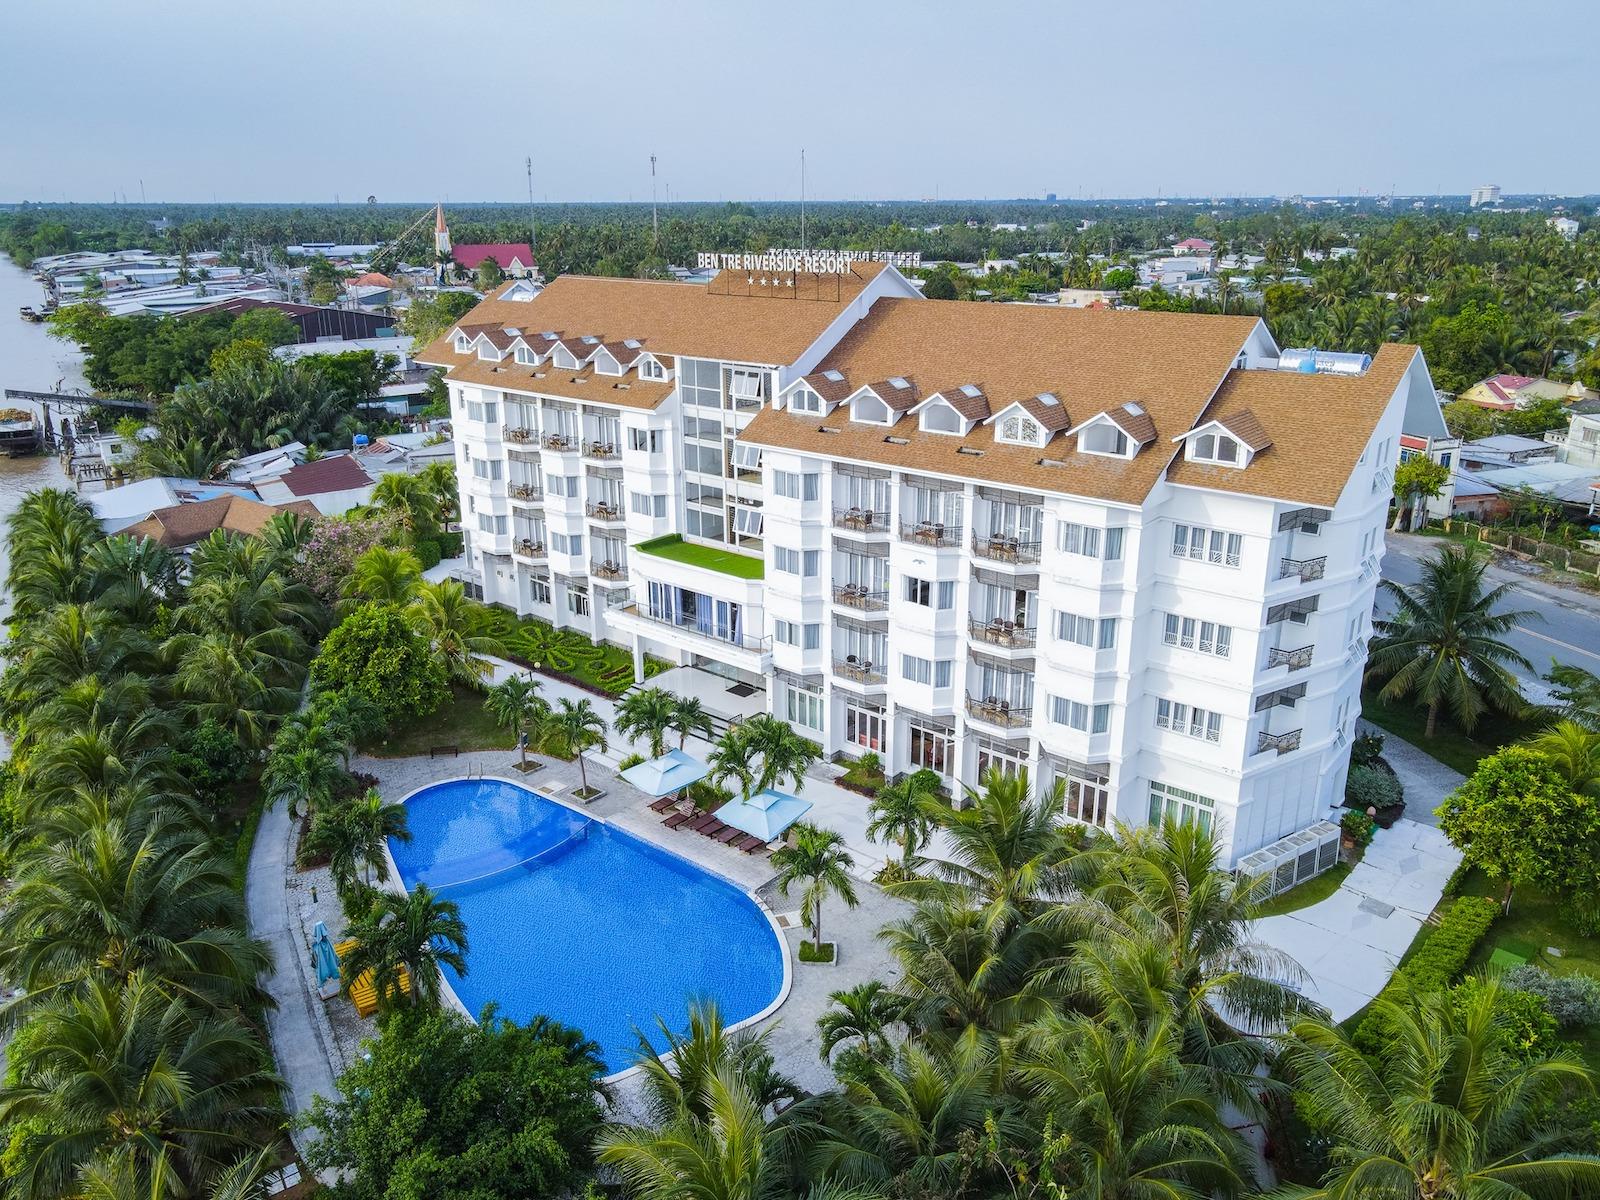 Image of Ben Tre Riverside Resort in Vietnam